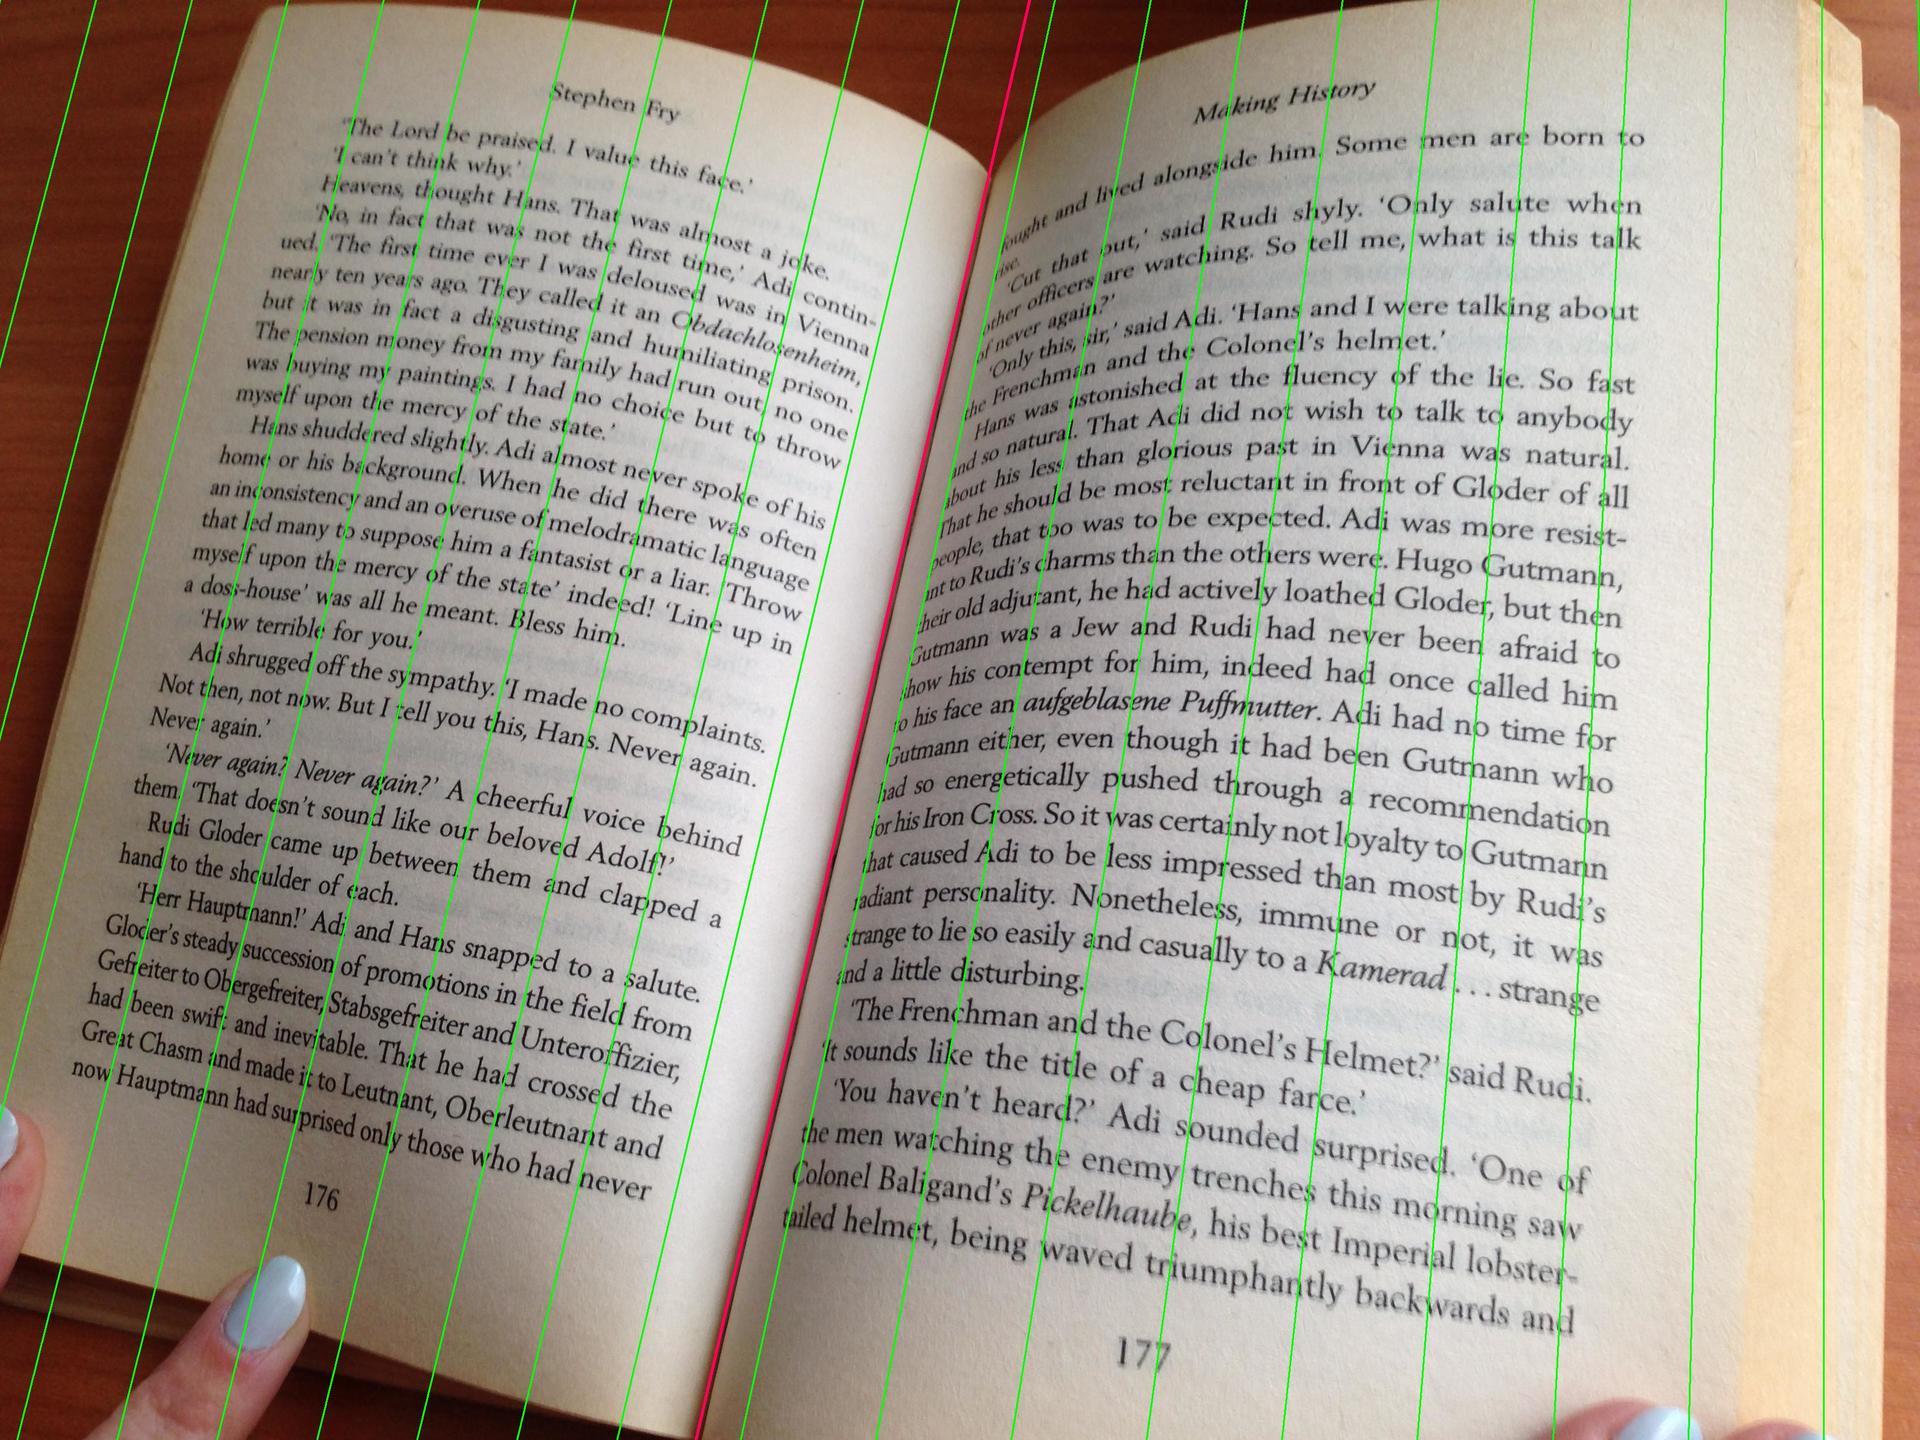 Устранение перспективных искажений и разгибание кривых строк на фотографиях книжных разворотов - 1